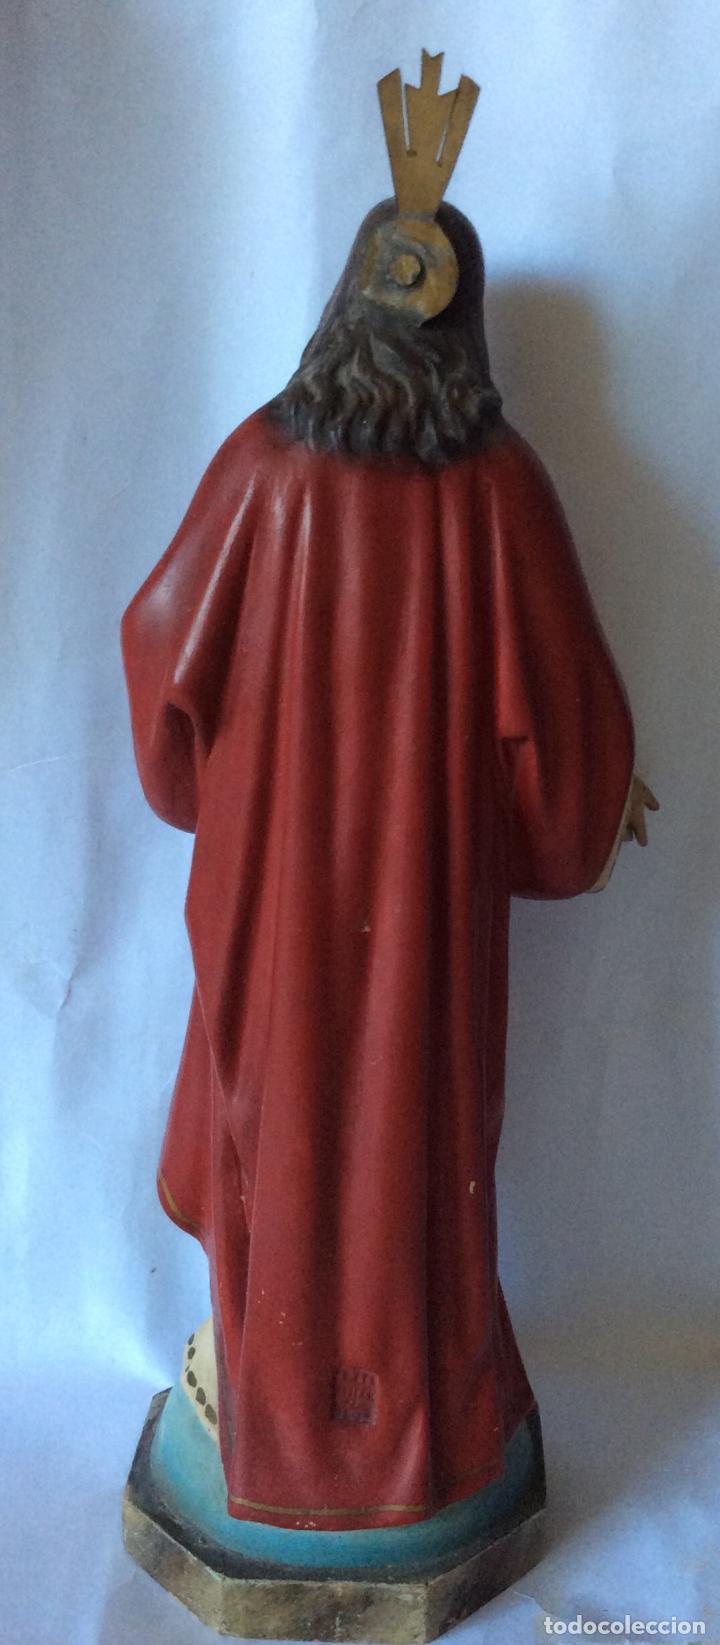 Arte: Olot ,sagrado corazón en estuco policromado ,sellado olot, Altura 32 cm - Foto 4 - 163745266